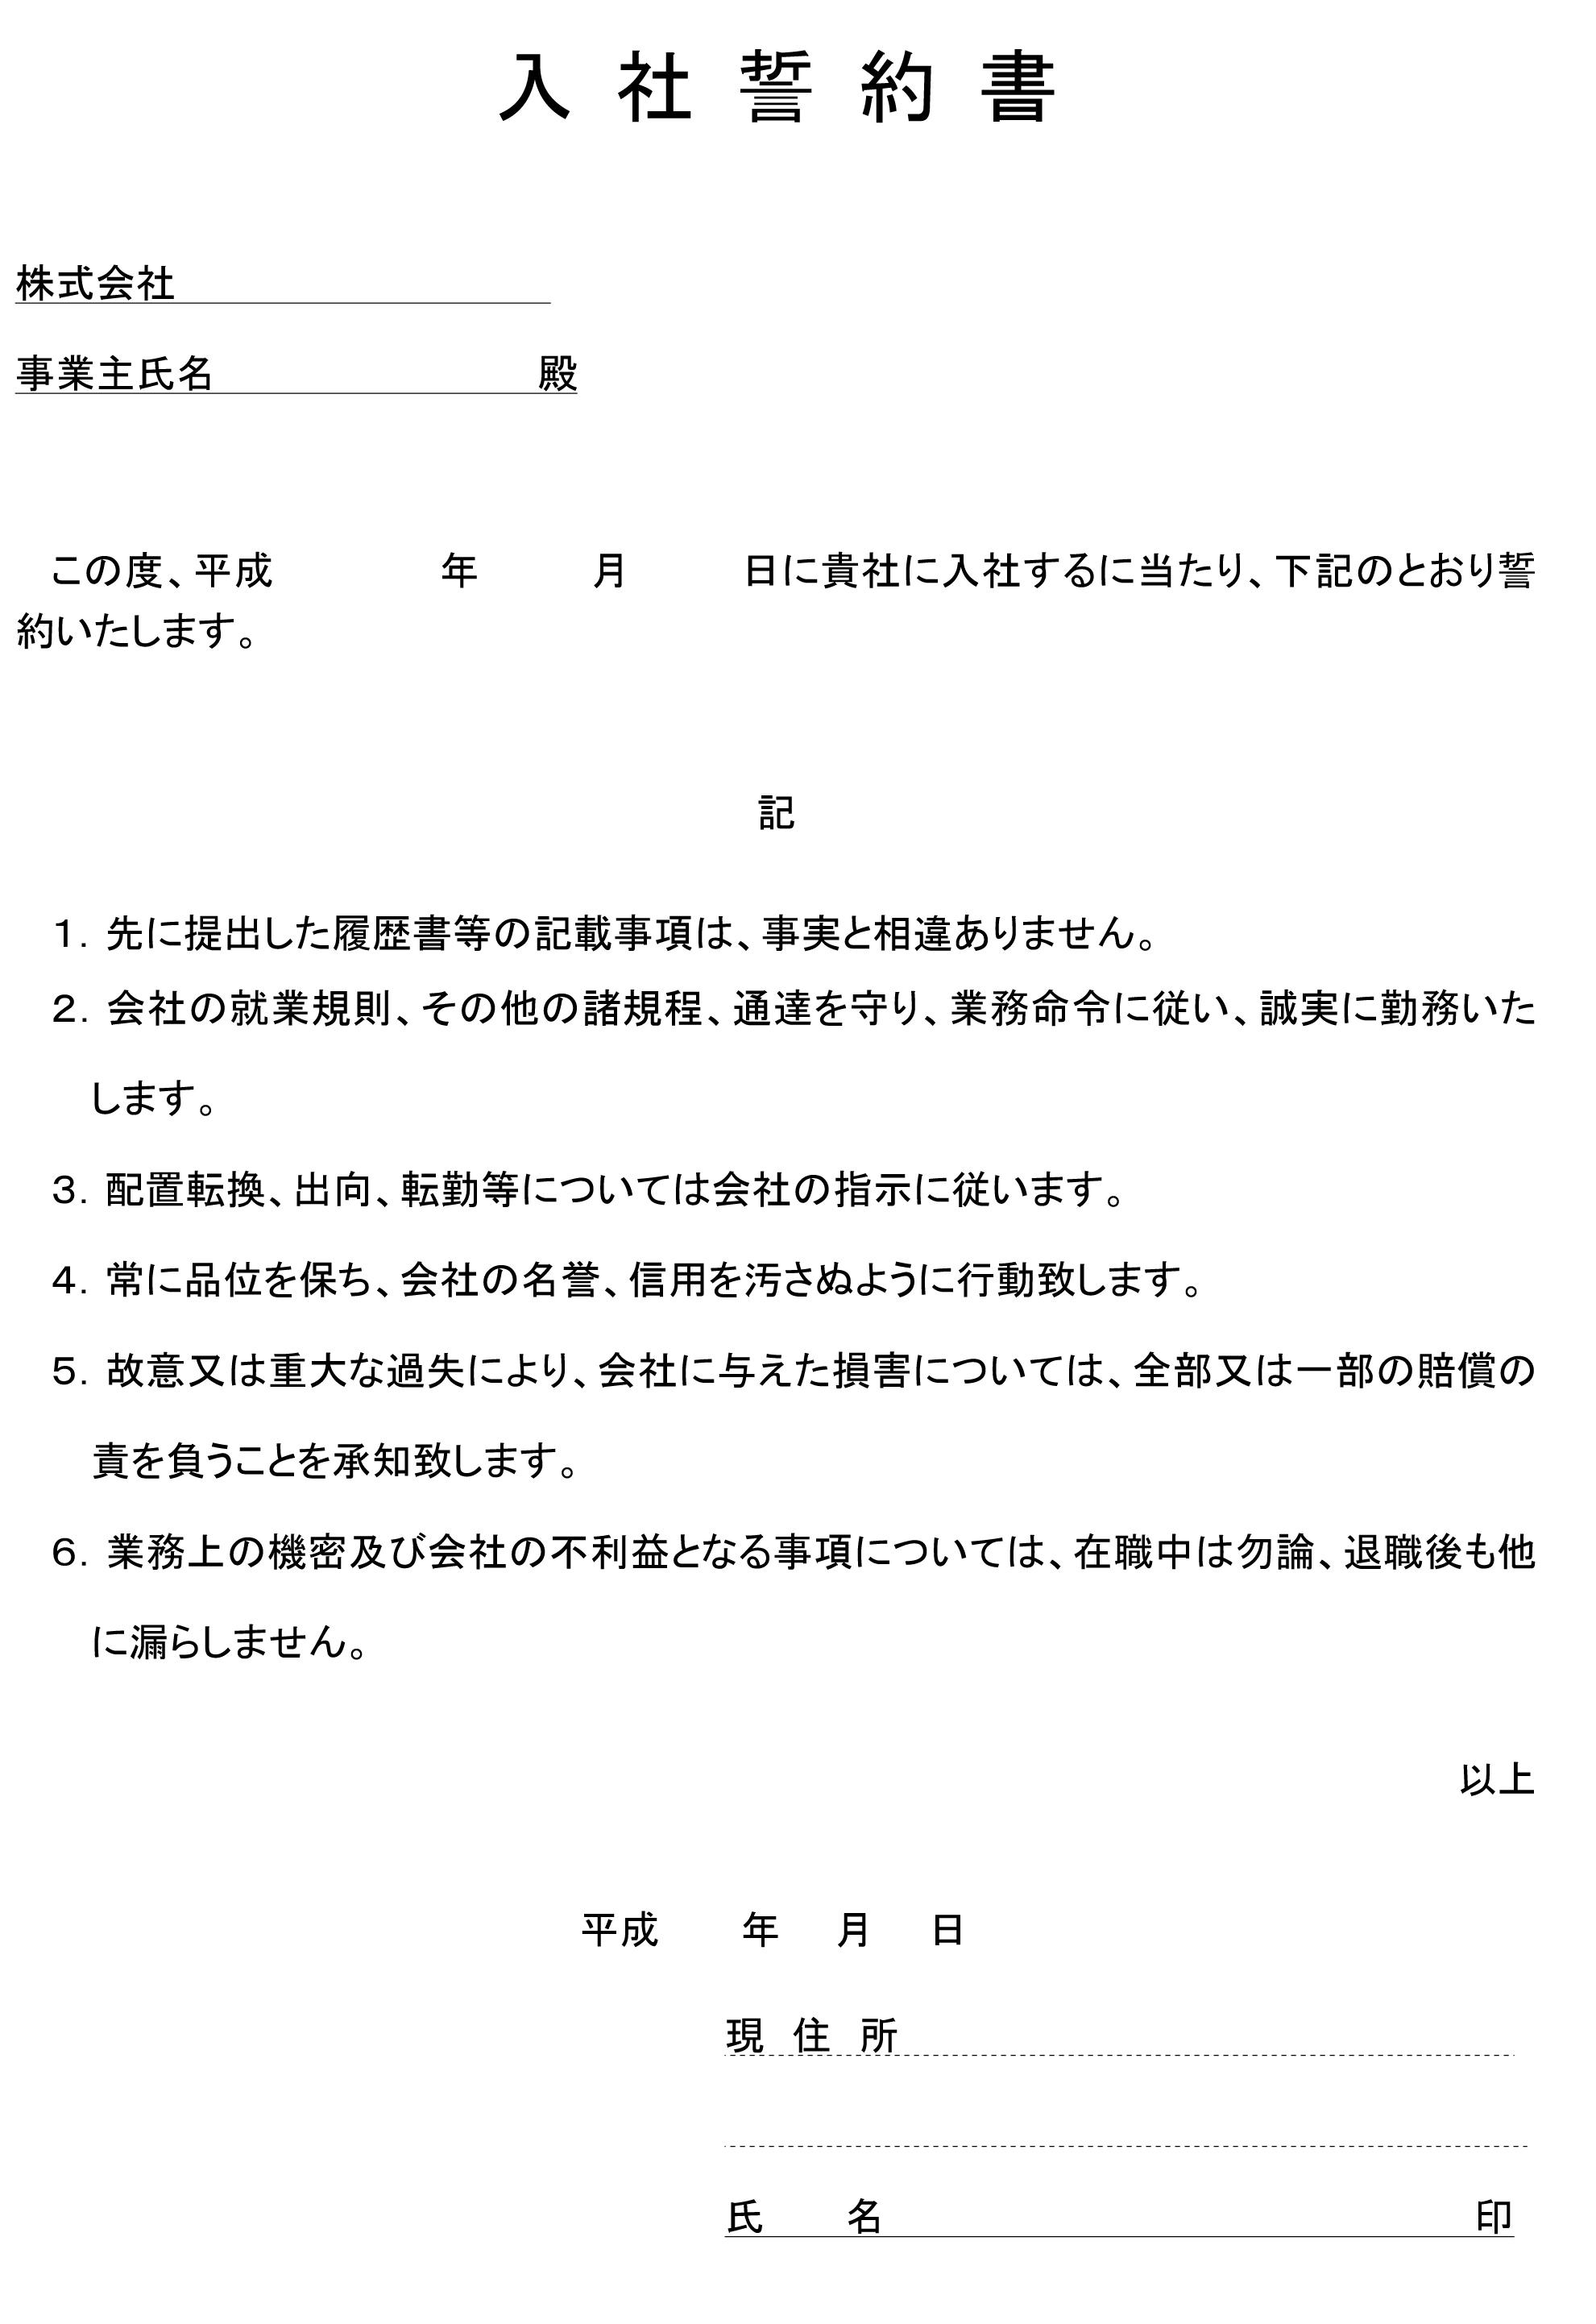 入社誓約書06